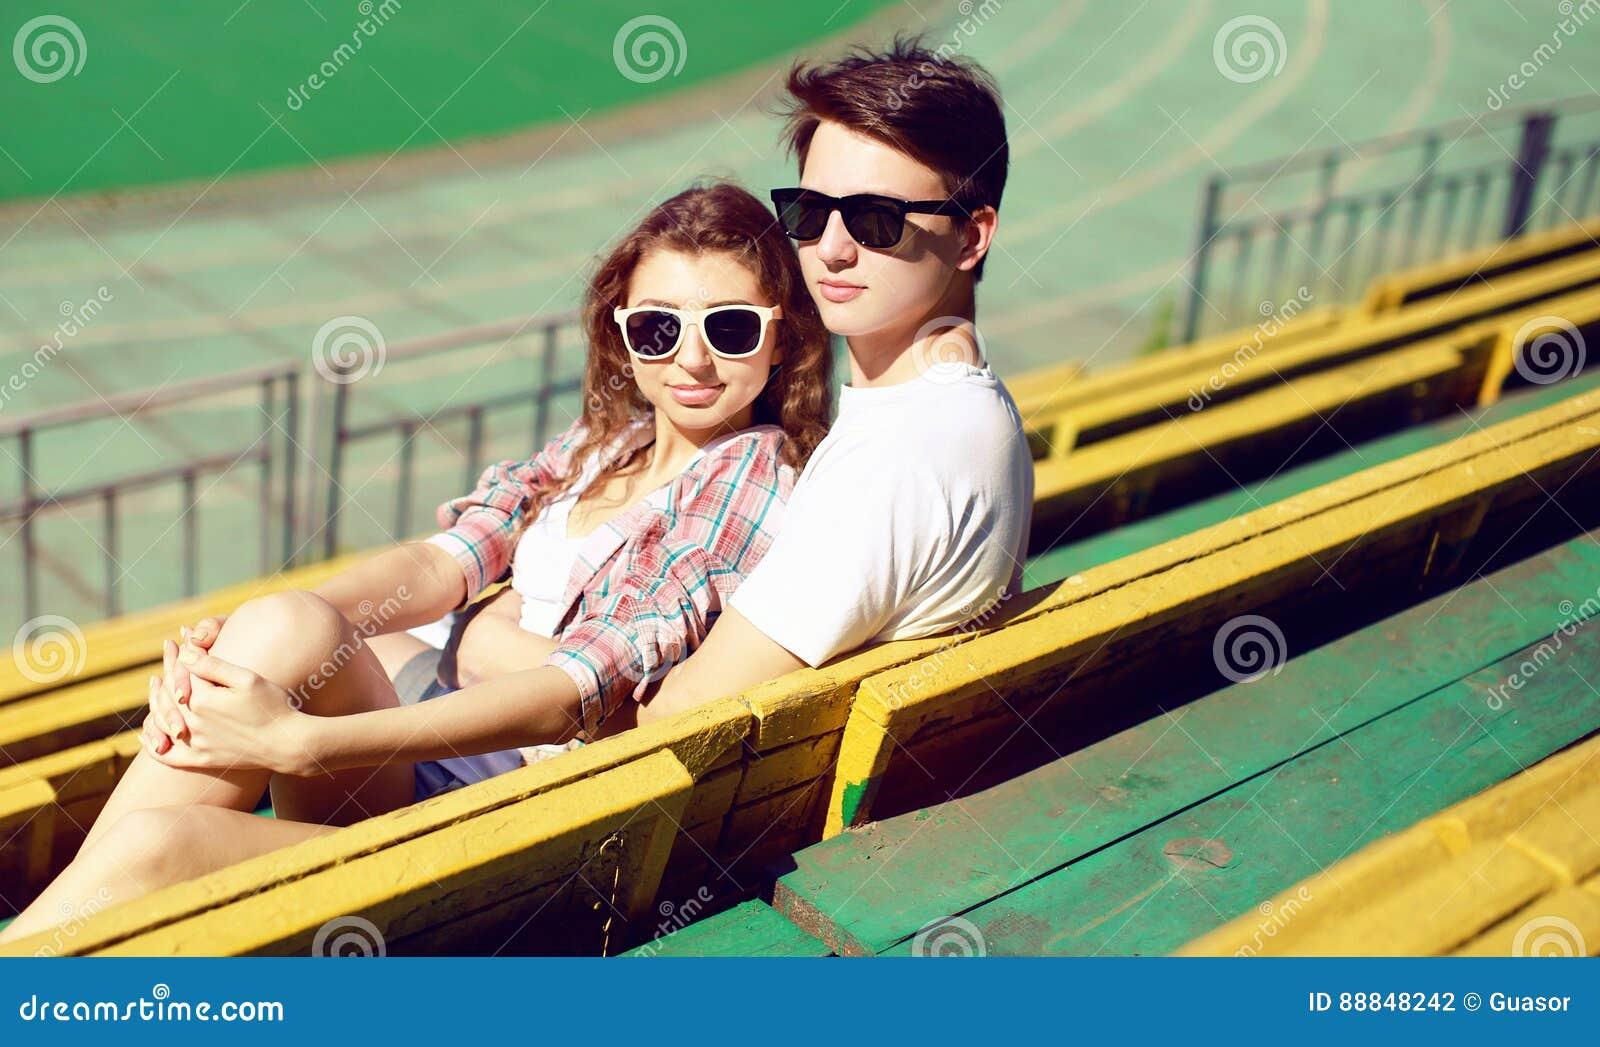 Mein bester Freund ist die Datierung des Kerls, den ich liebe